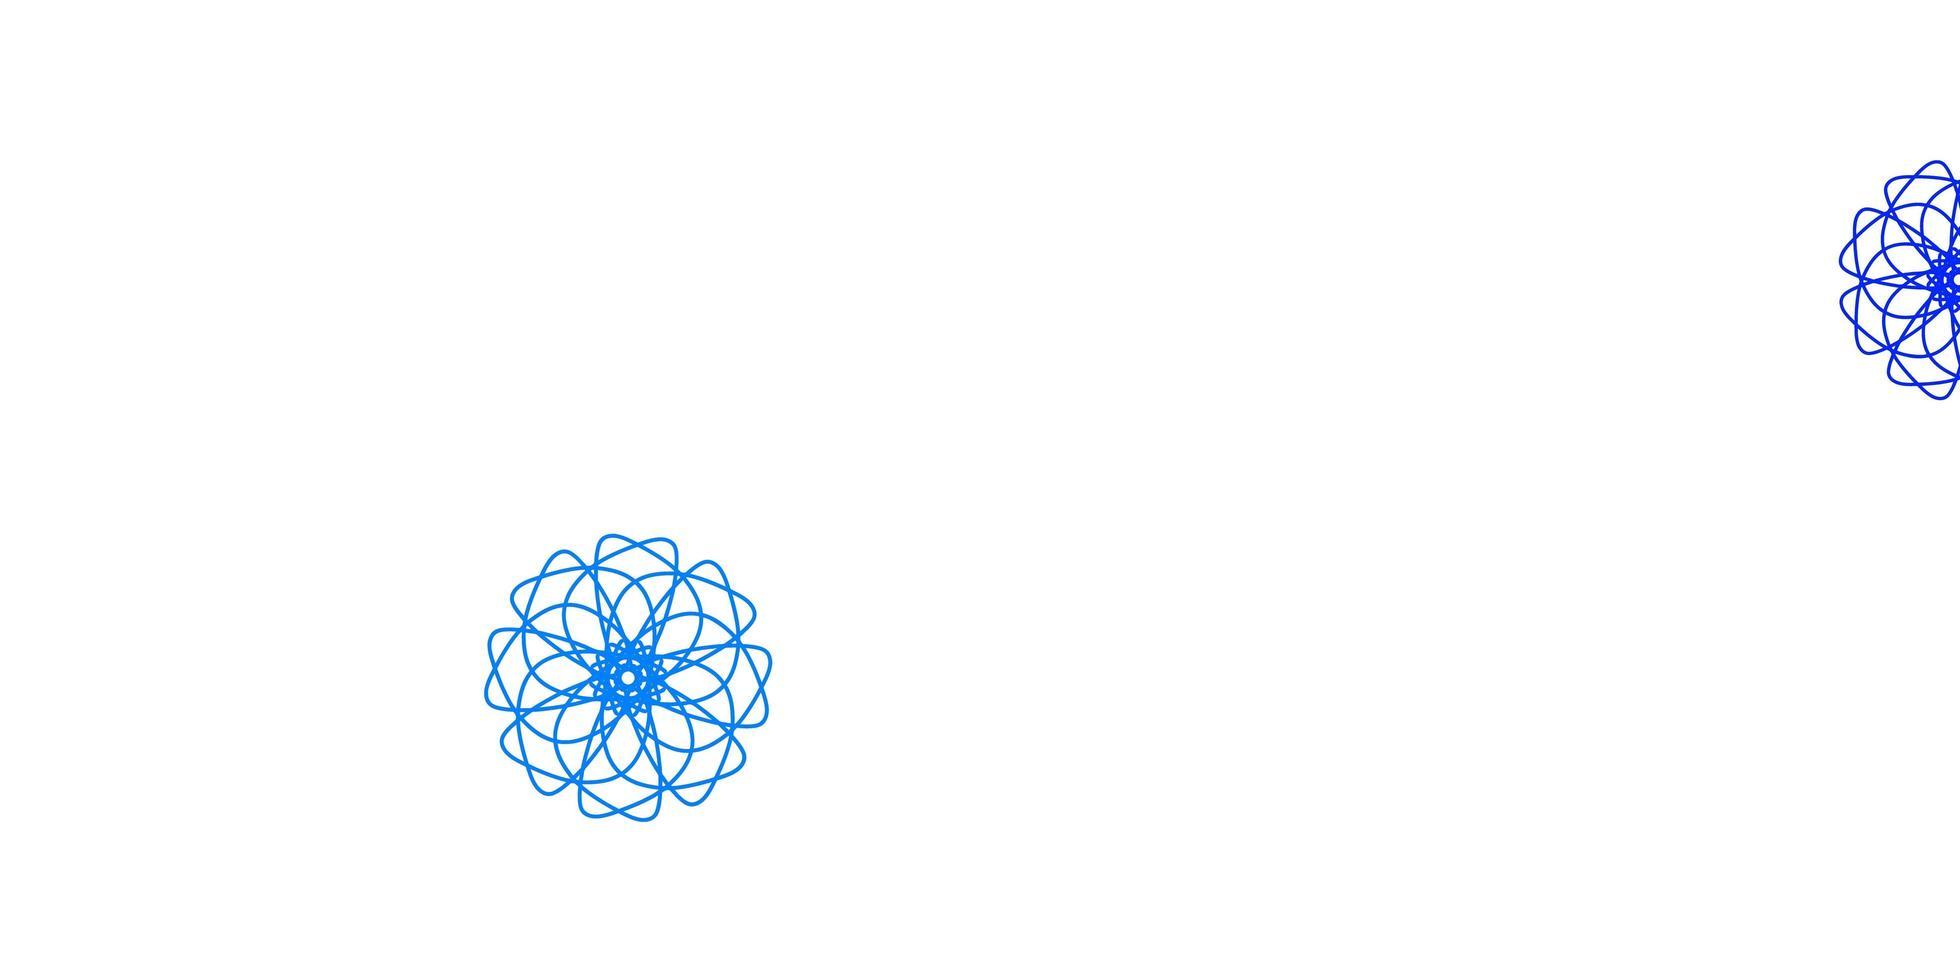 ljus flerfärgad vektor naturlig bakgrund med blommor.